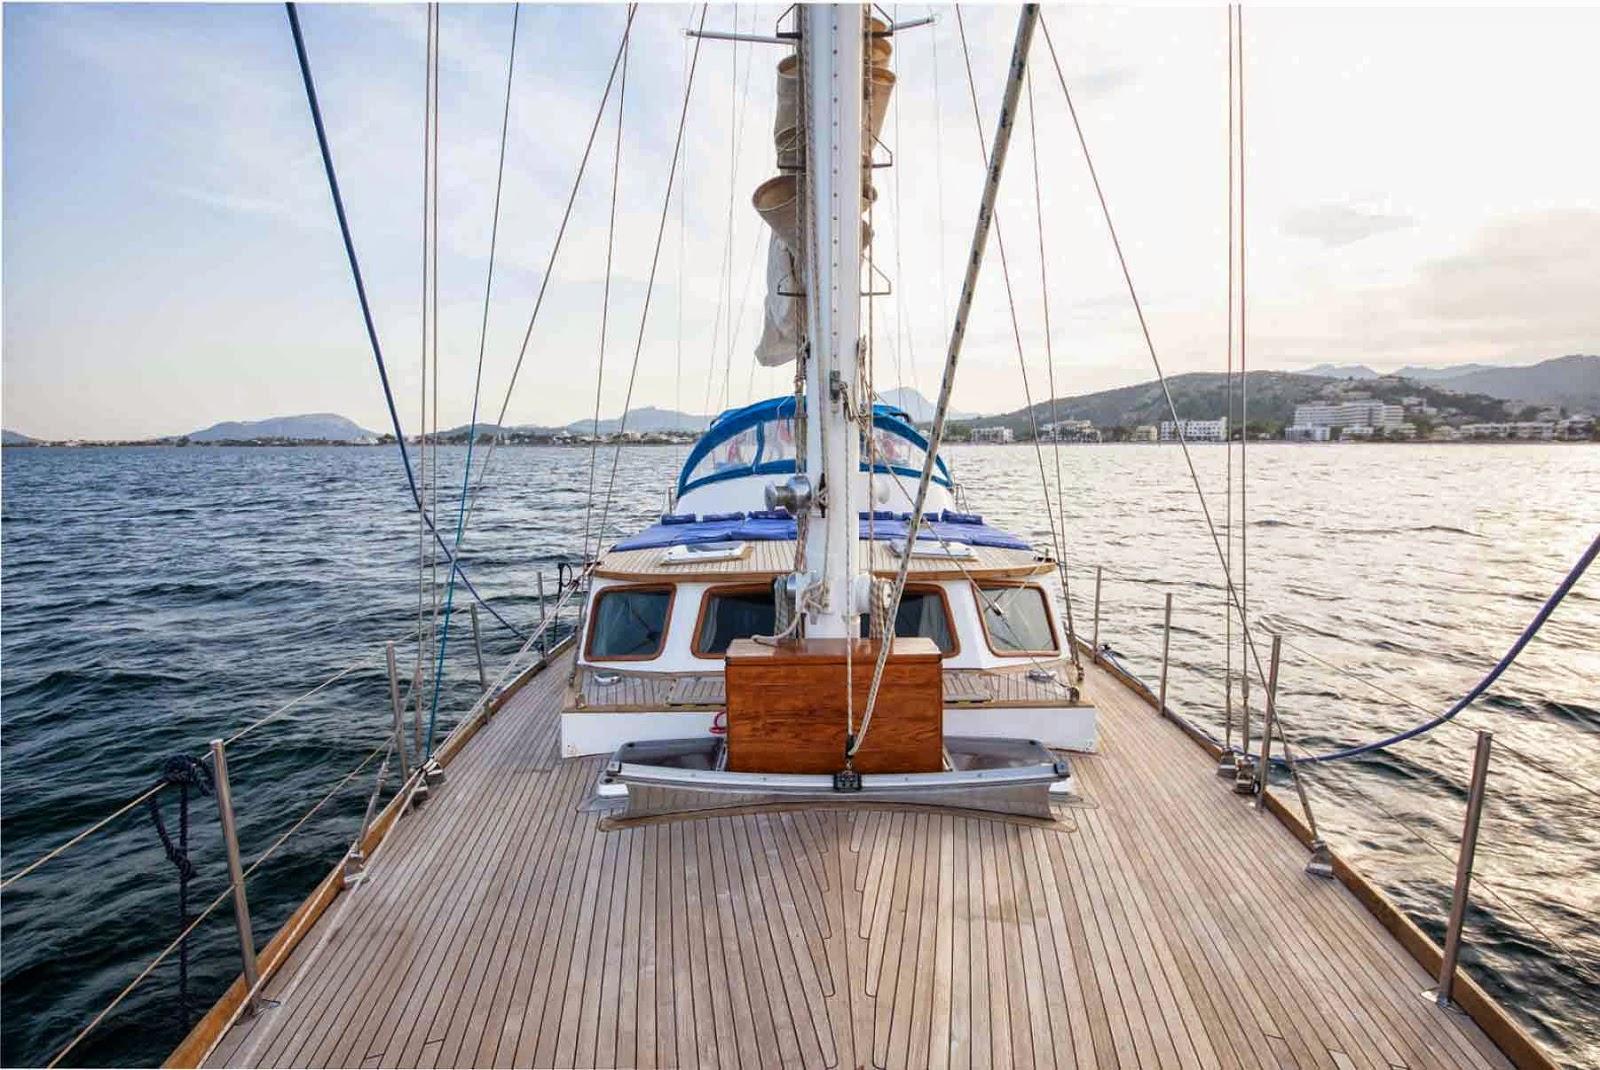 alquiler de veleros en Ibiza. Alquiler de veleros en mallorca. Alquiler veleros Ibiza. Alquilar una velero barato en Ibiza. Alquiler velero Ibiza barato